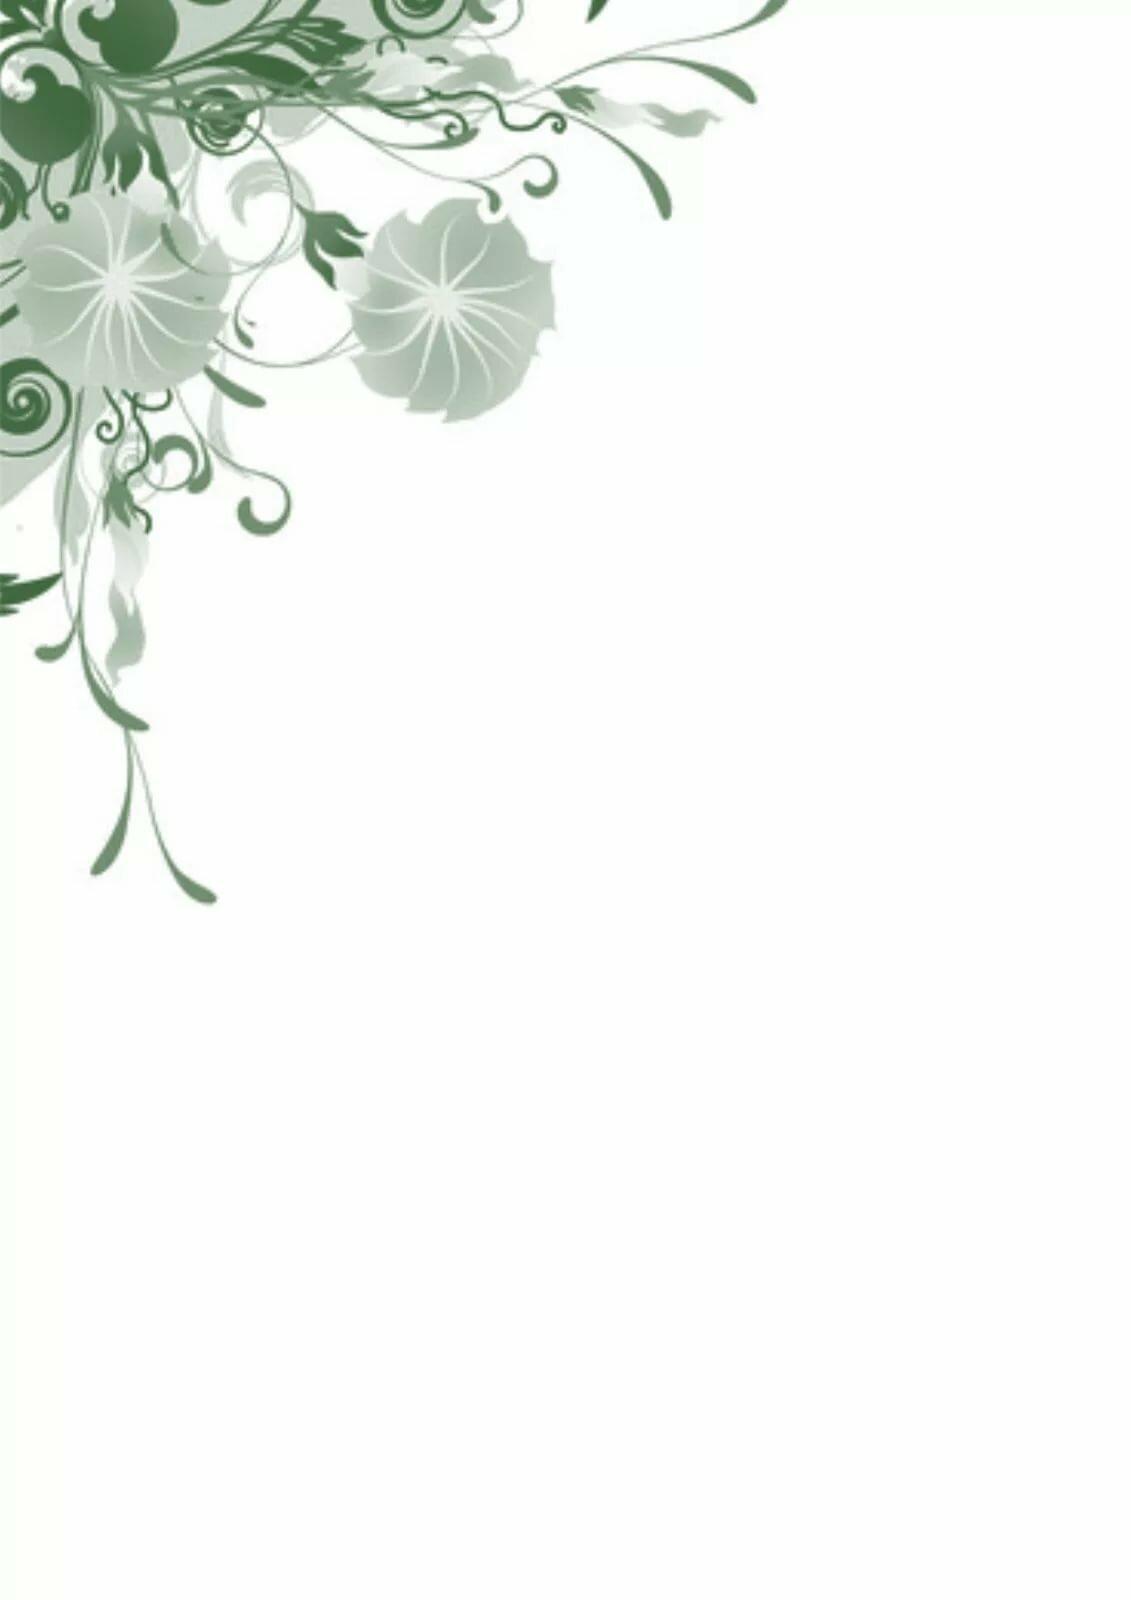 красивые картинки на титульный лист призматических